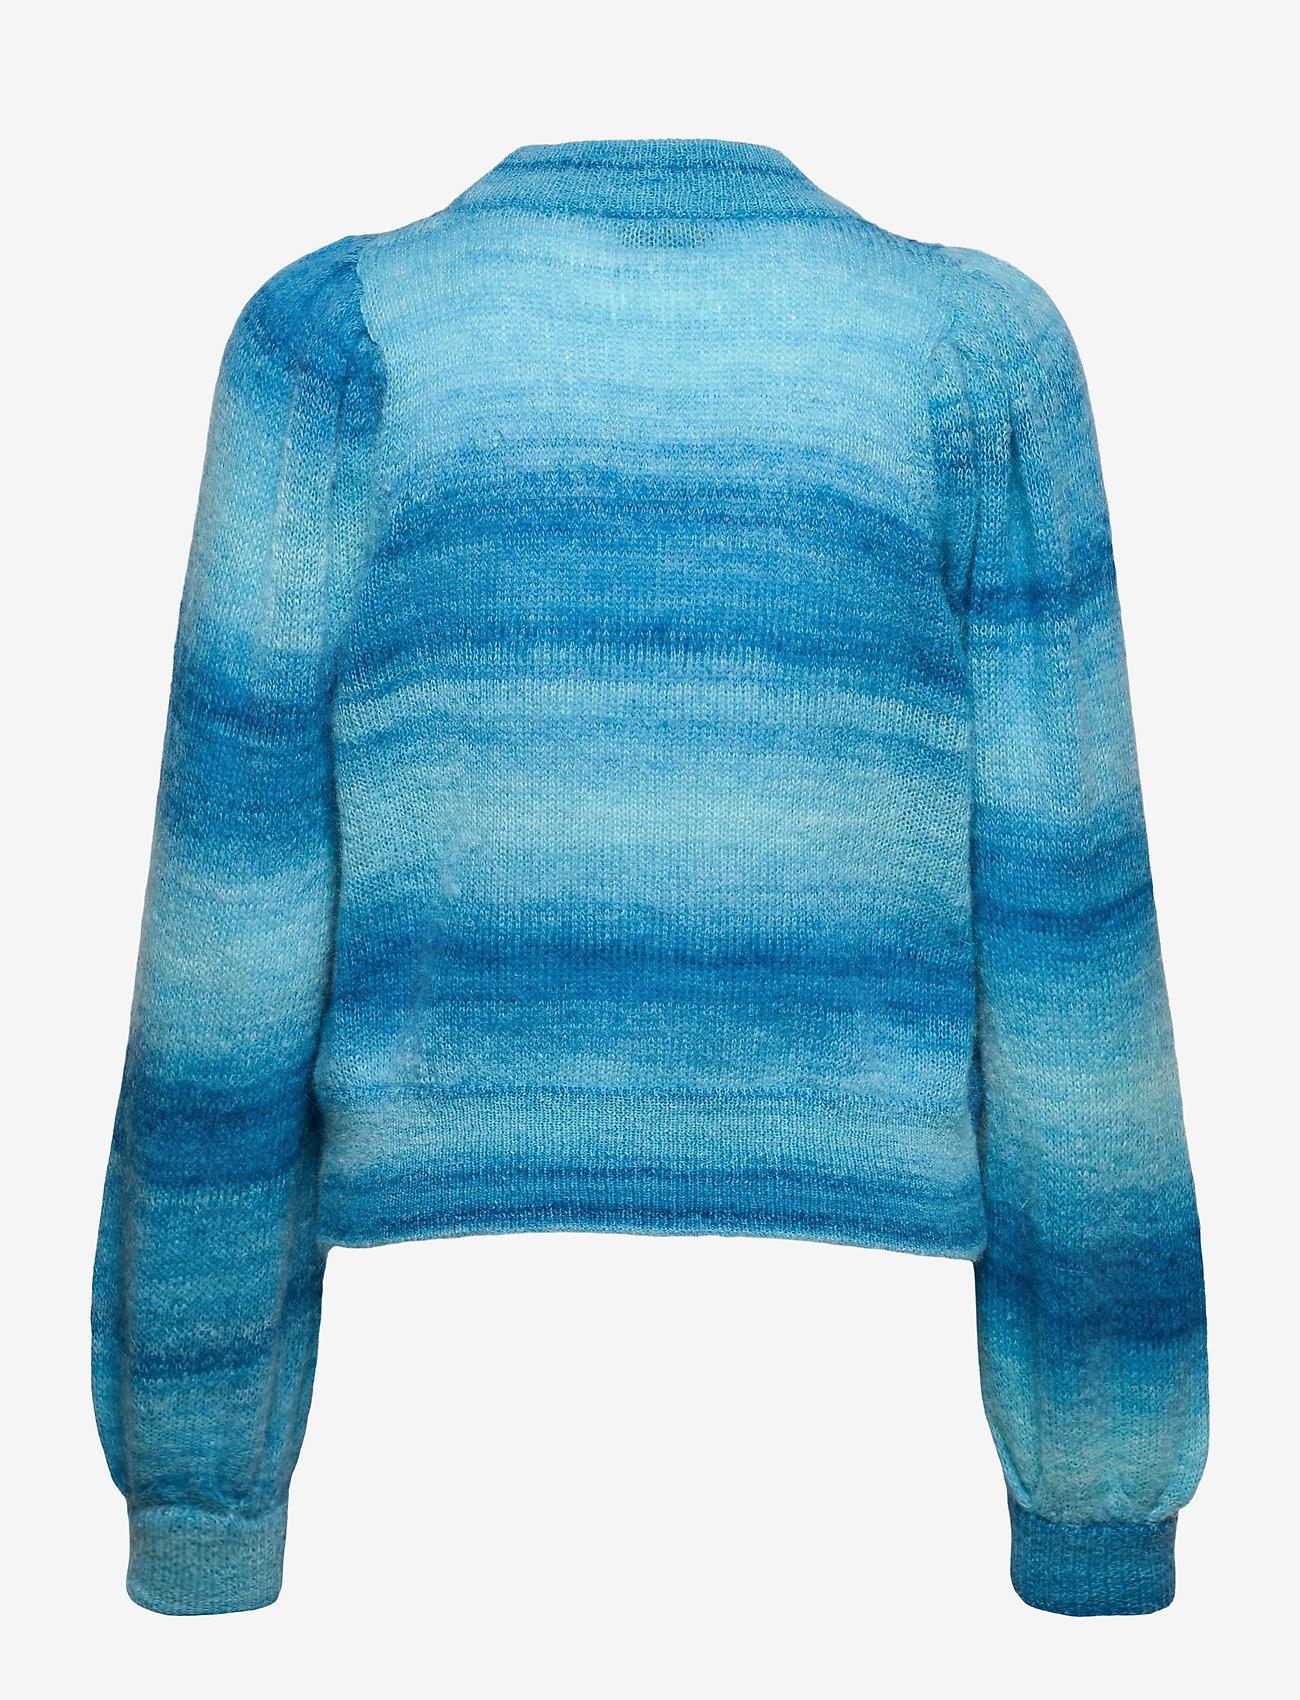 RODEBJER - RODEBJER OCEAN - trøjer - blue poppy - 1